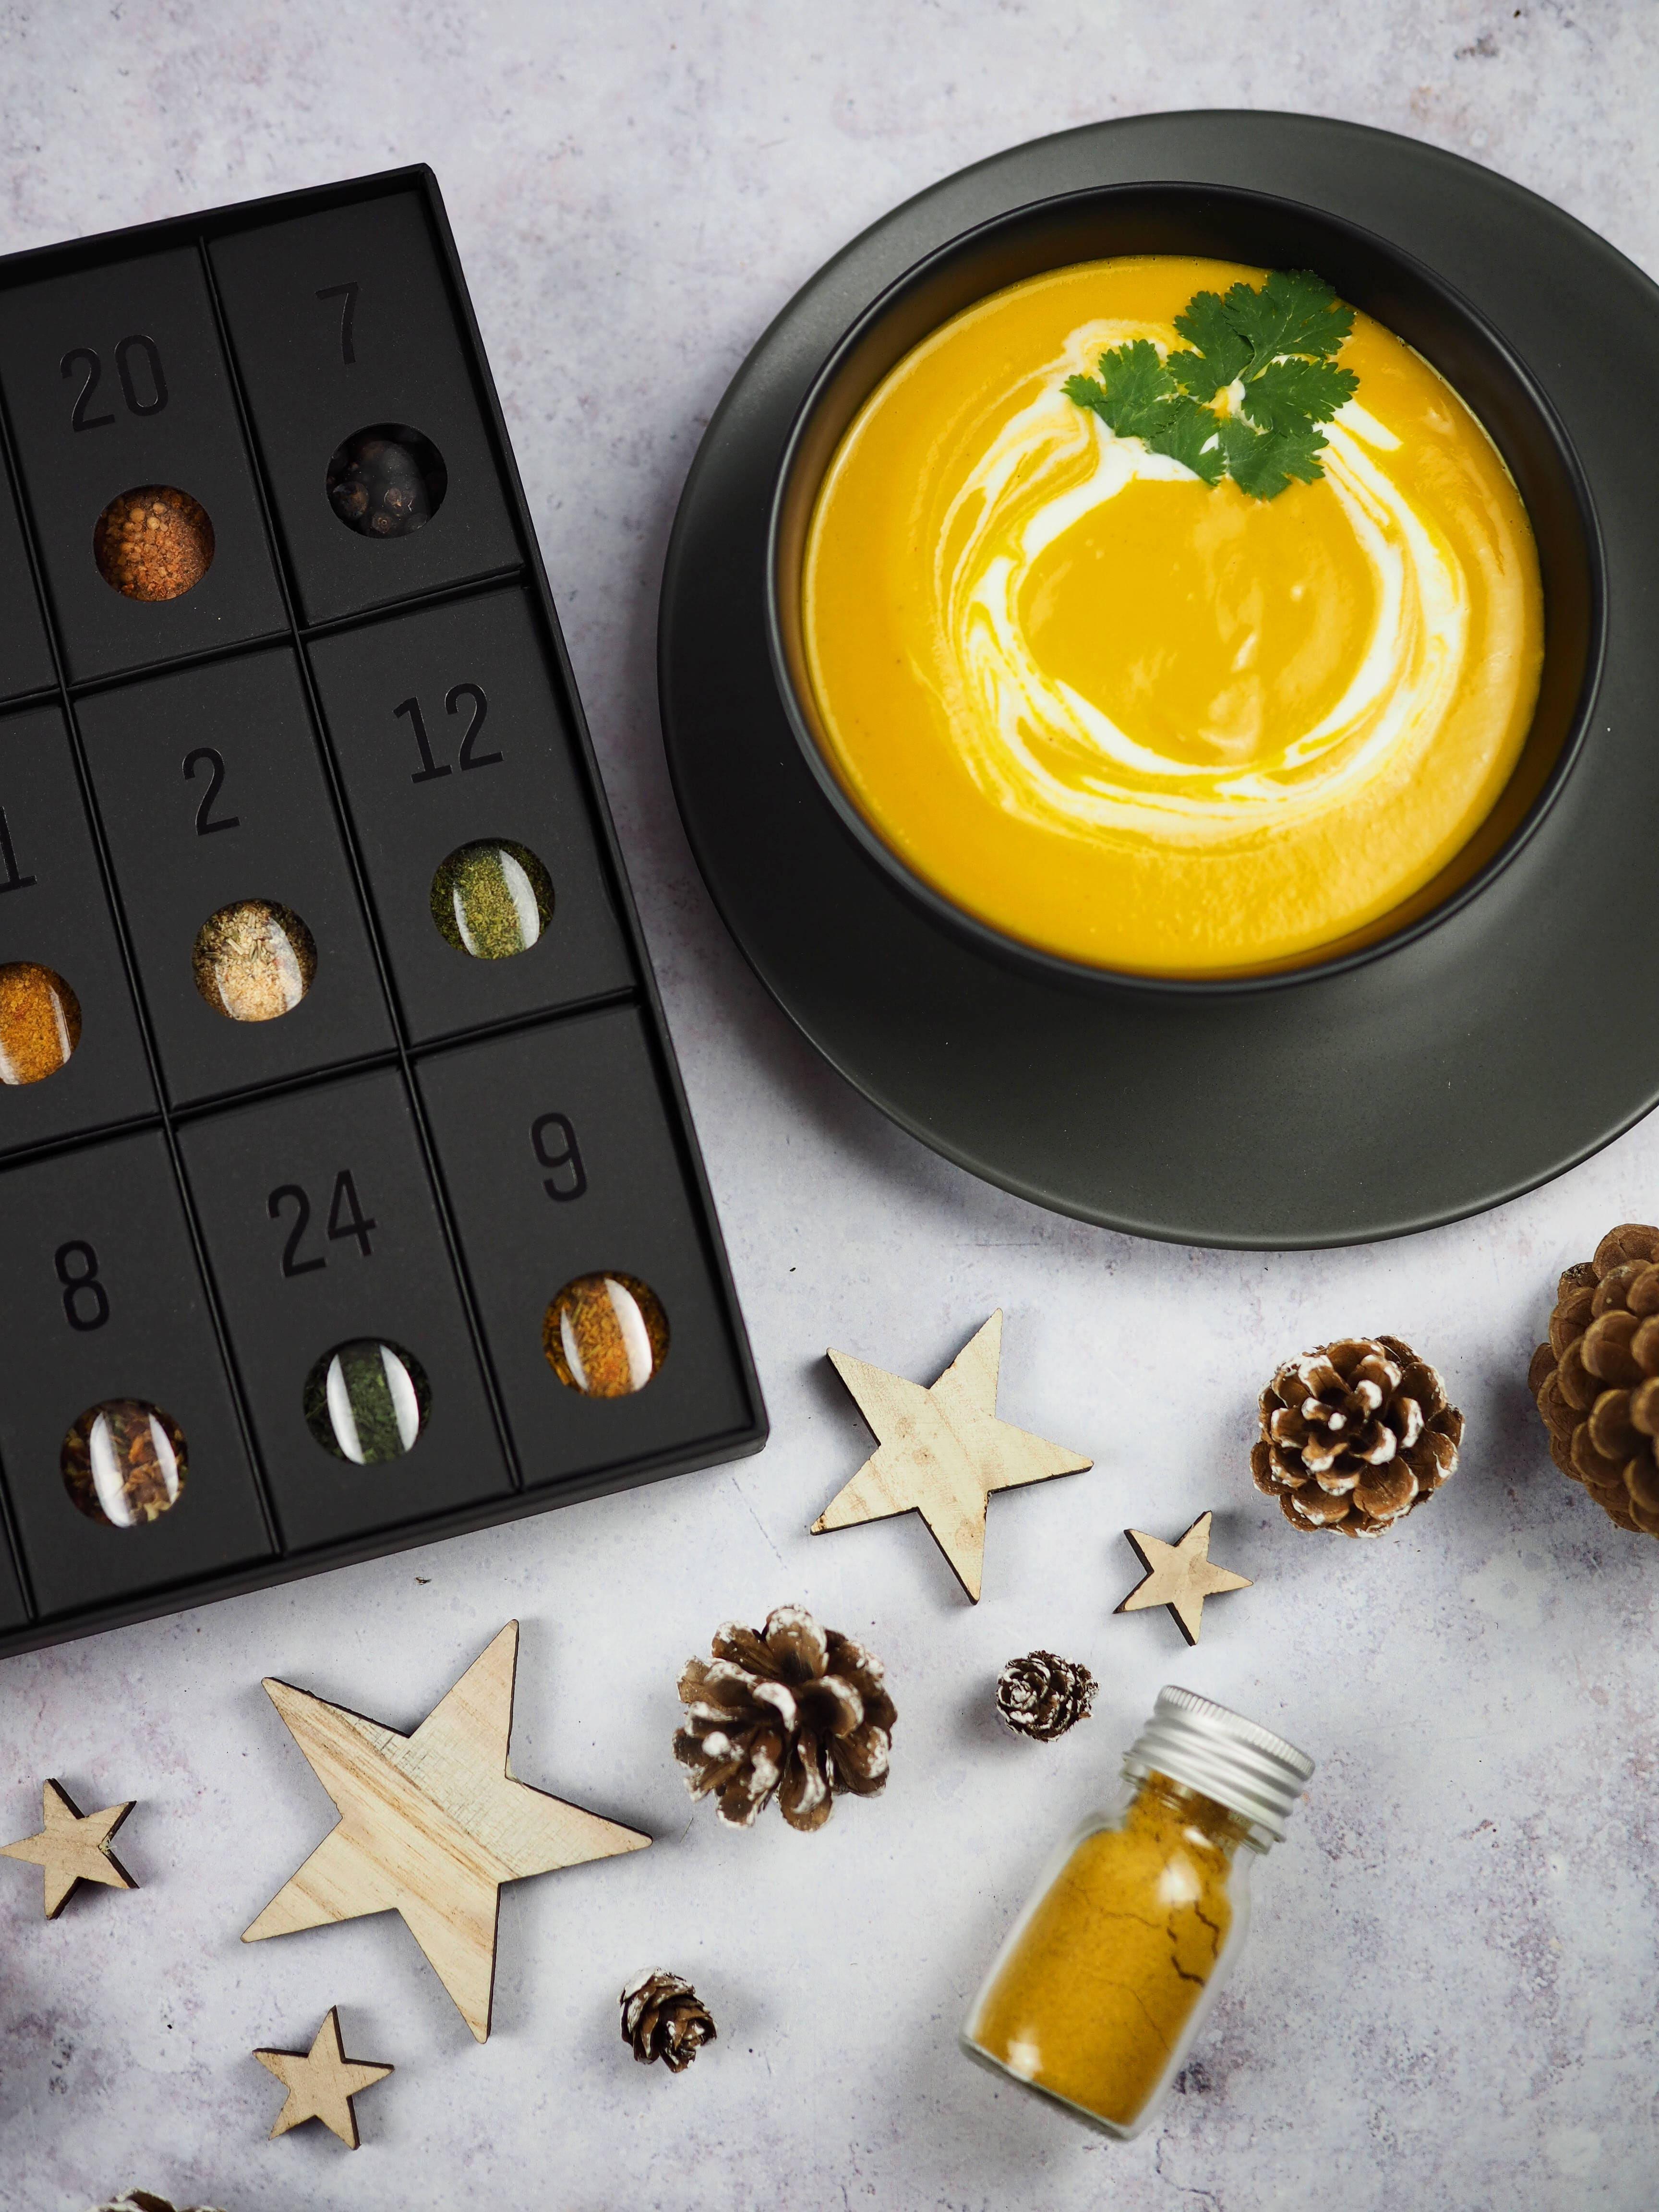 Gewürz-Adventskalender von MEIN GENUSS und Karotten-Curry-Suppe